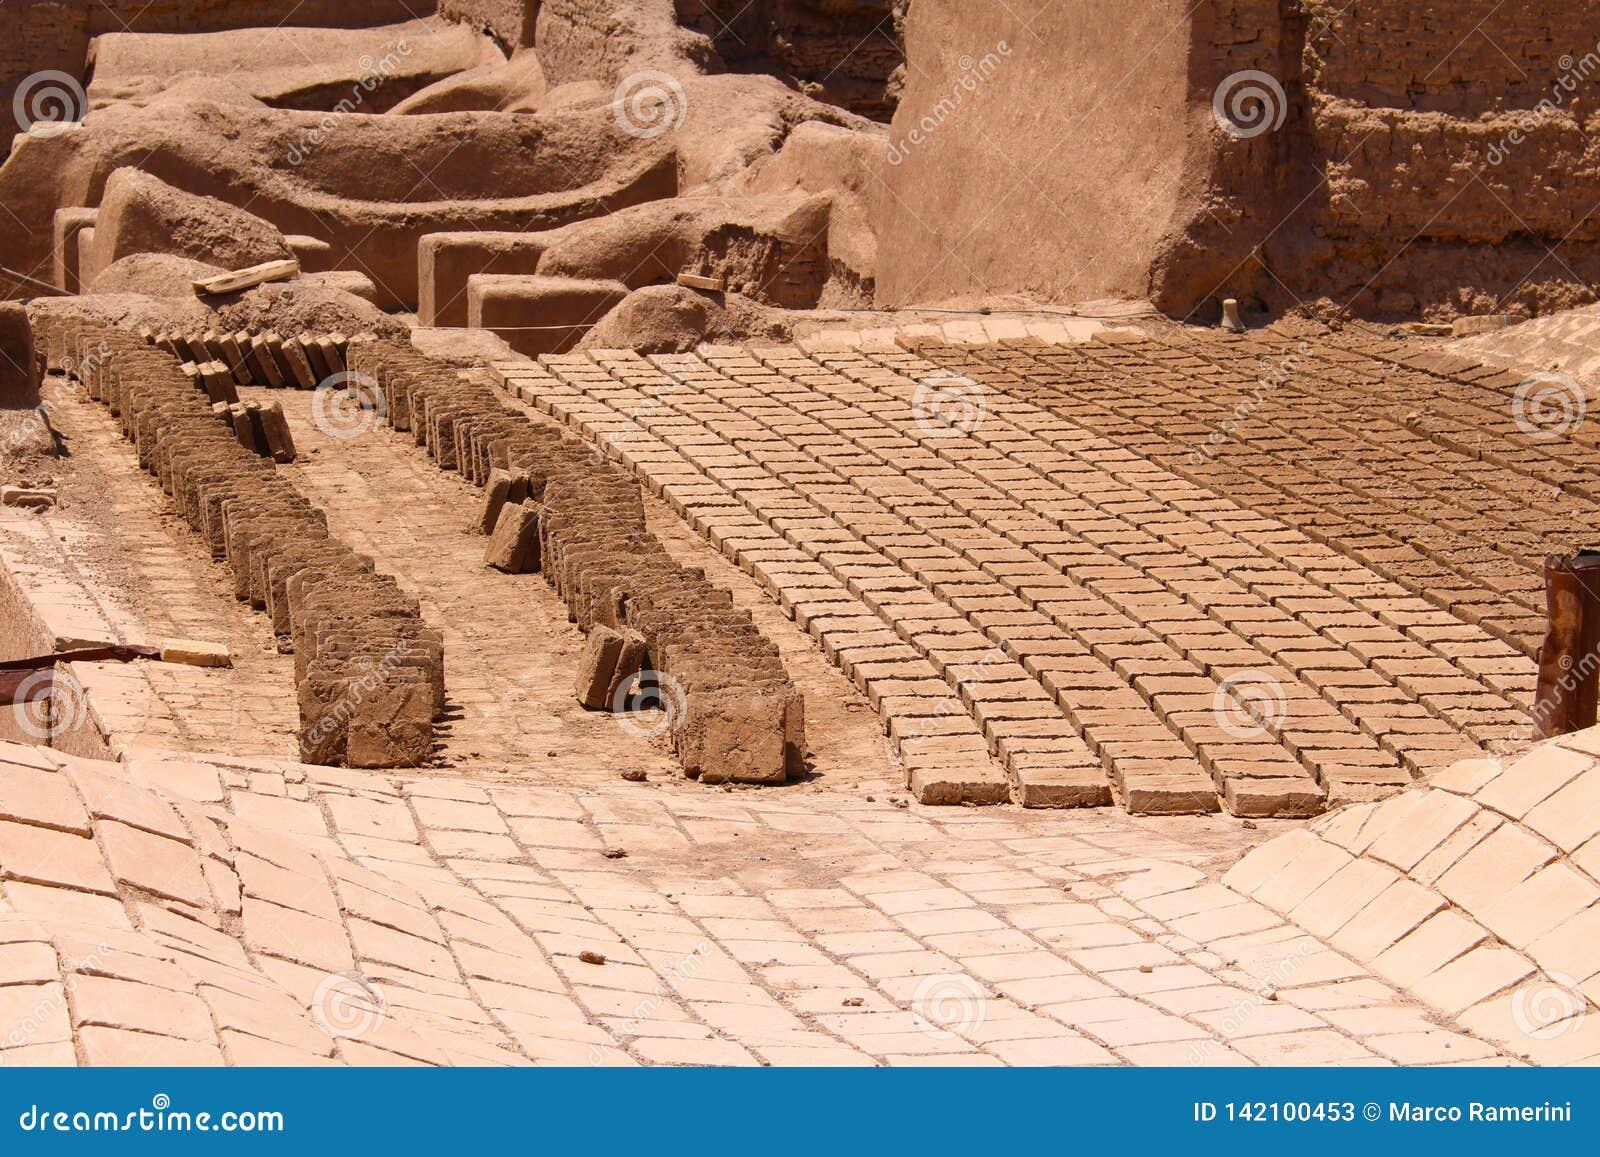 Bakstenen in de zon in de stad van Rayen, Iran worden gebakken dat